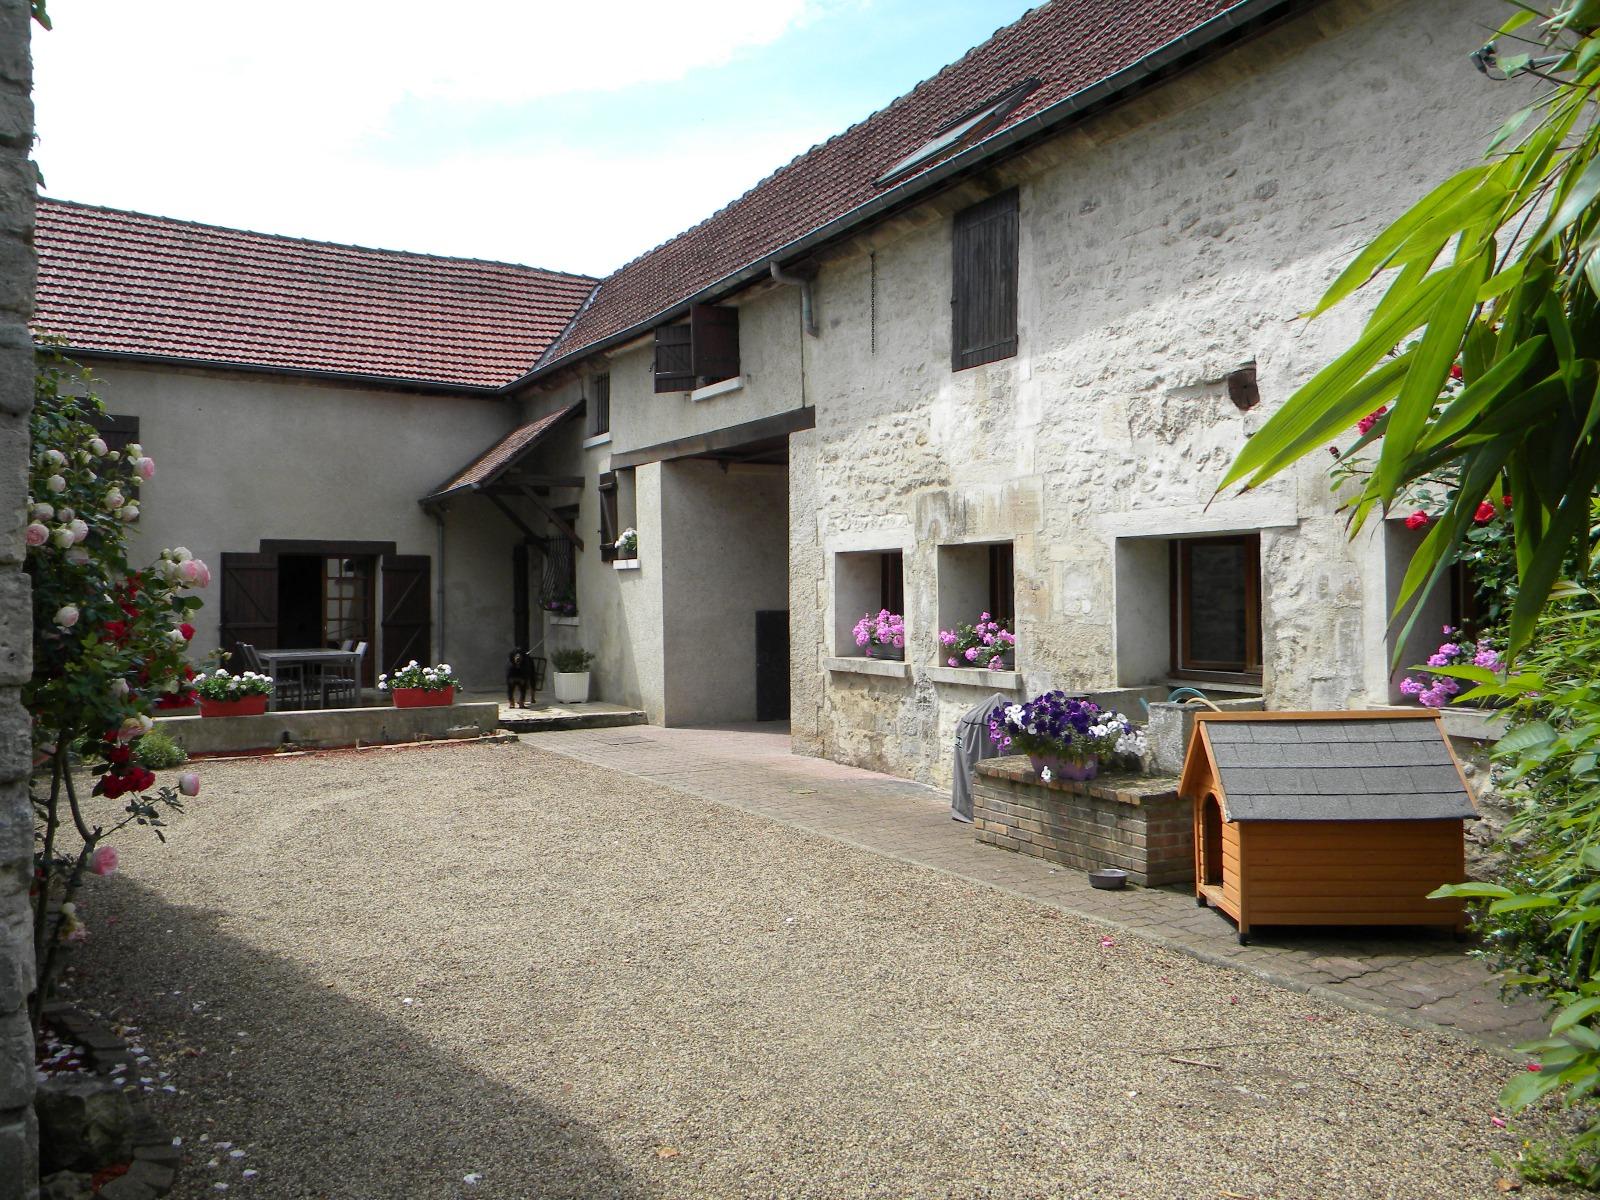 Vente maison ancienne laigneville 60290 180m avec 7 for Valeur maison ancienne